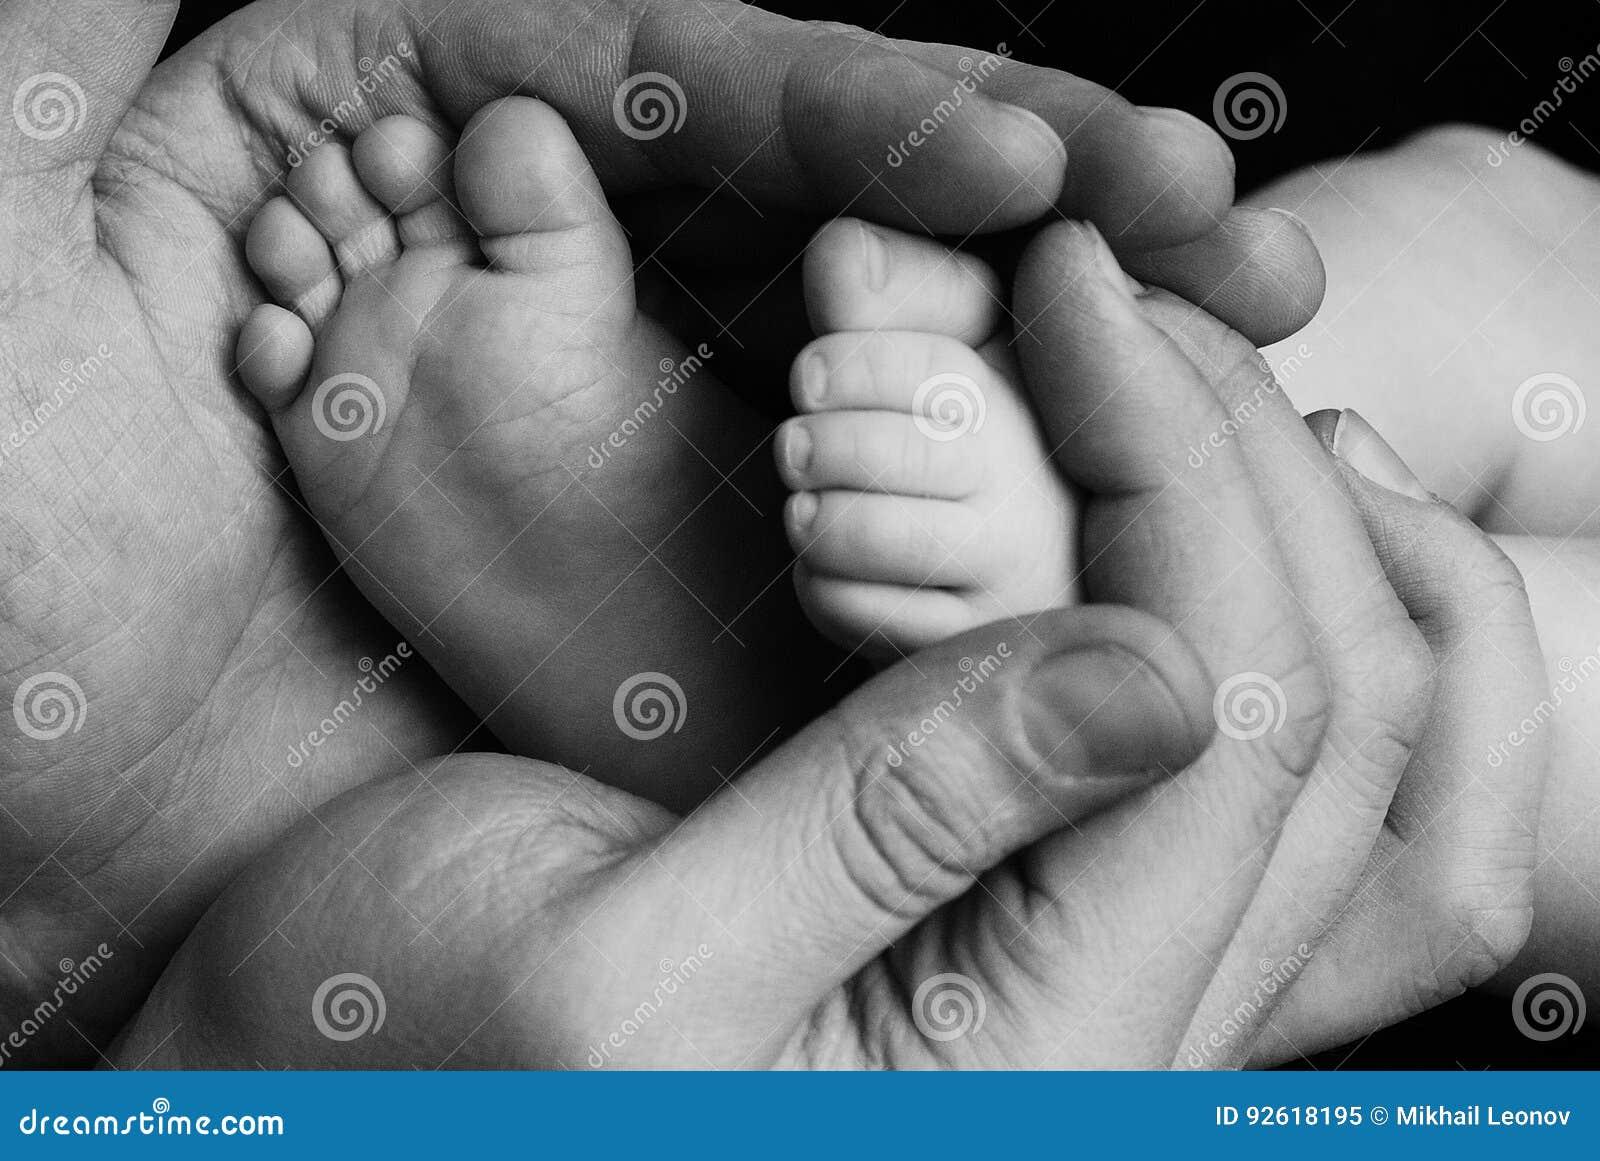 Leuke kindbaby babe weinig voet in de vaderhanden Klassieke die close-up over van familiewaarden en ouders de liefde van kindkind